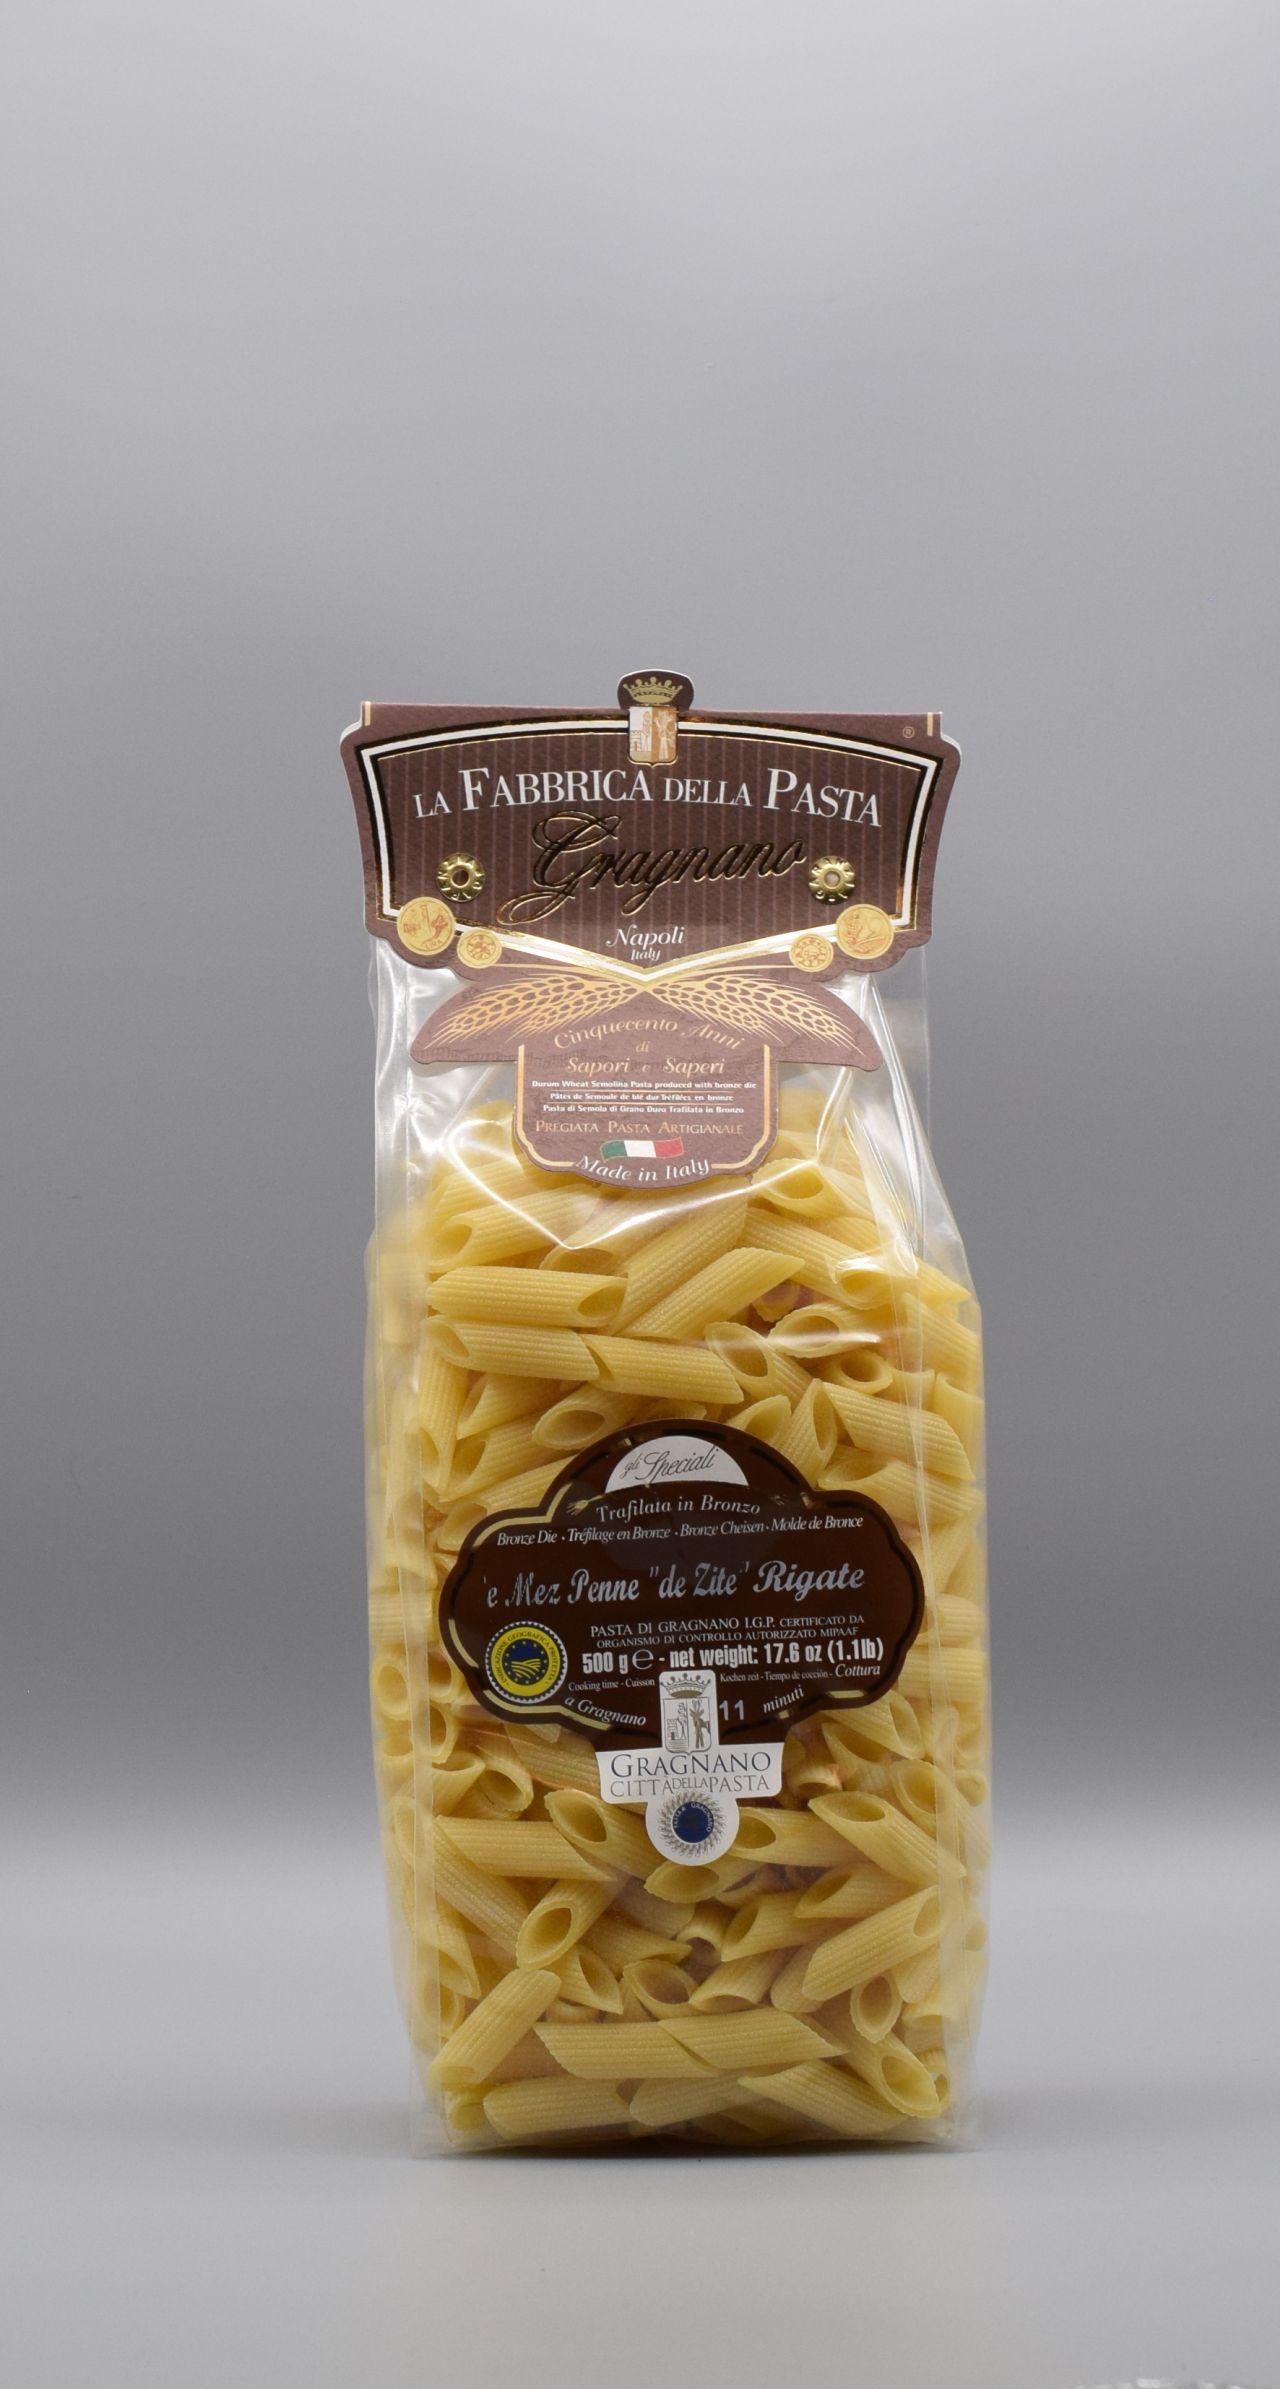 La Fabbrica della Pasta di Gragnano Penne de Zite (kurz)